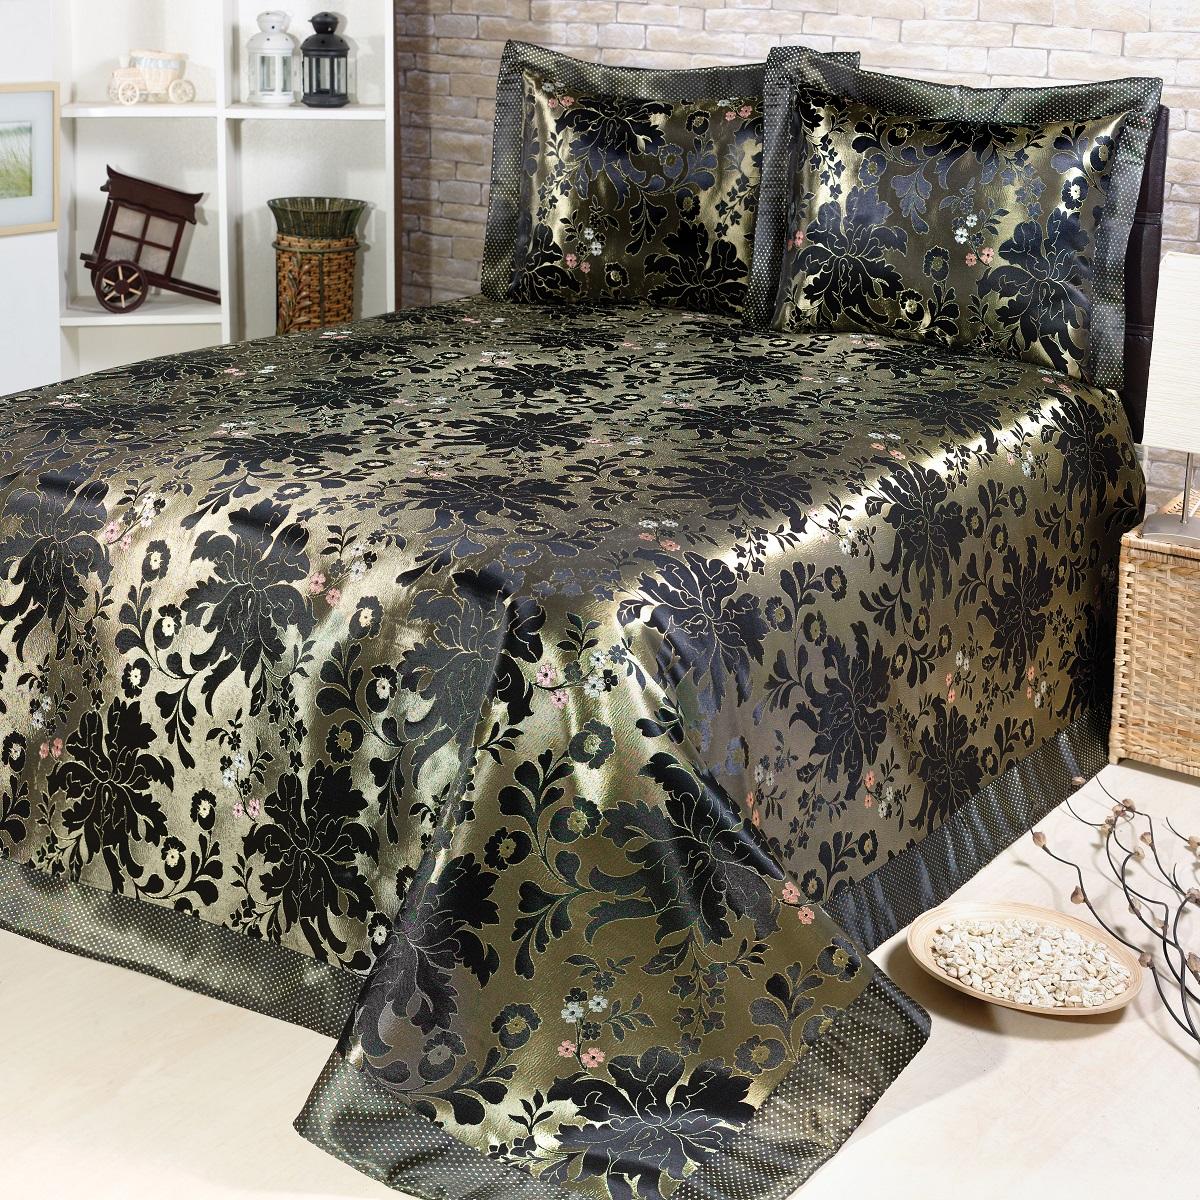 Комплект для спальни Karna Nazsu. Cinar: покрывало 240 х 260 см, 2 наволочки 50 х 70 см, цвет: золотой, черный покрывало двуспальное karna evony 240 260 см бежевый